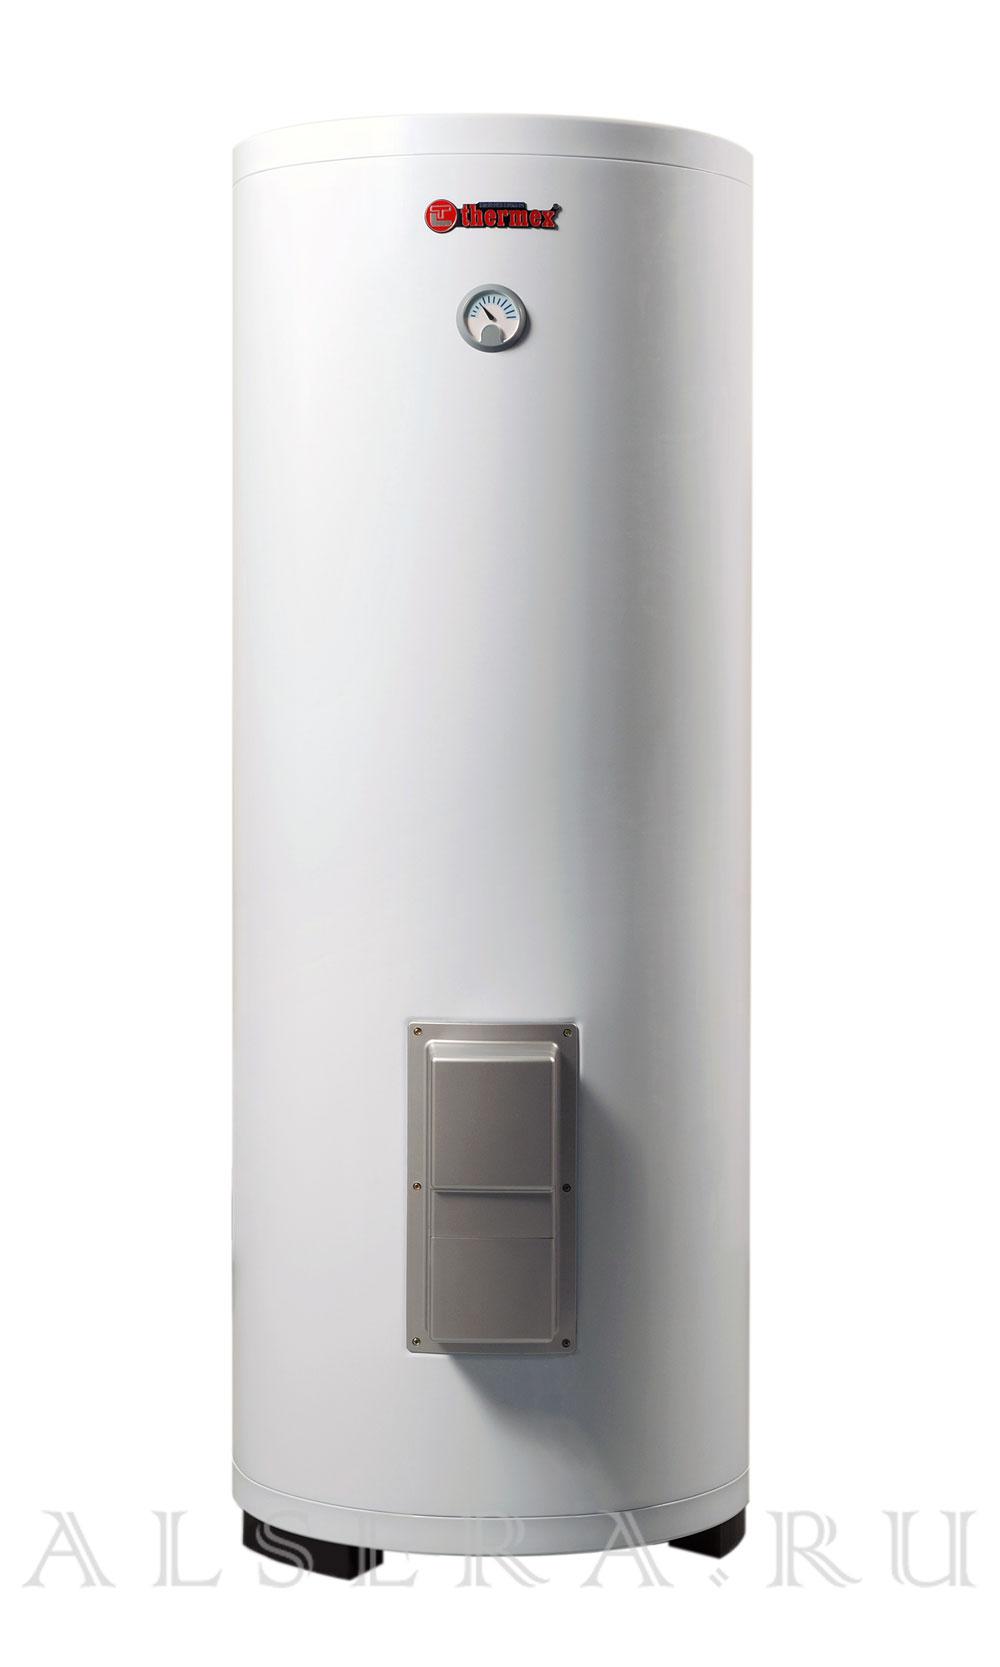 Водонагреватель или теплообменник Кожухотрубный конденсатор ONDA C 41.306.2400 Хабаровск